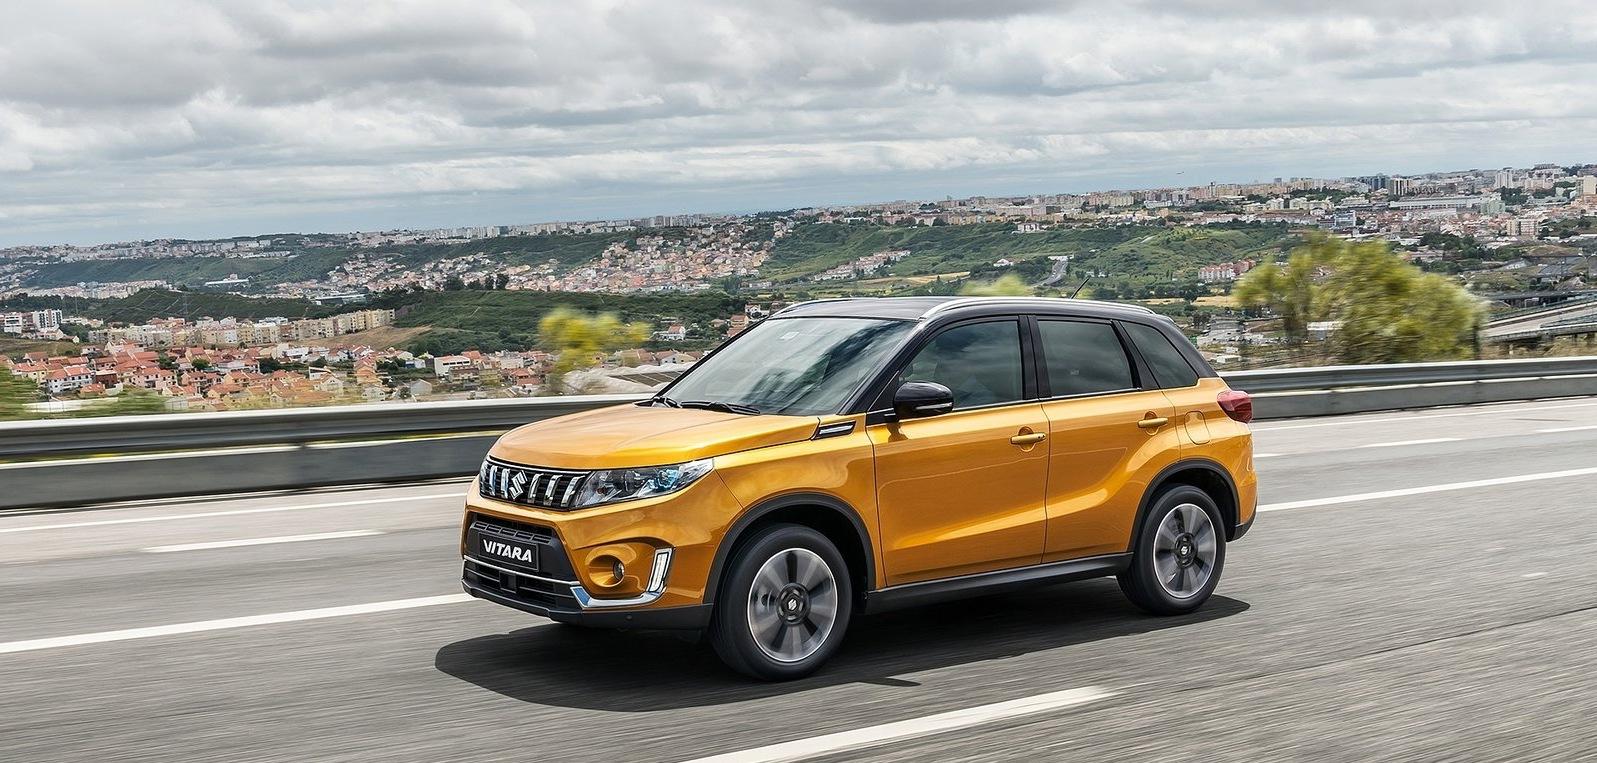 Primeiro ensaio Suzuki Vitara: uma boa opção entre os SUV